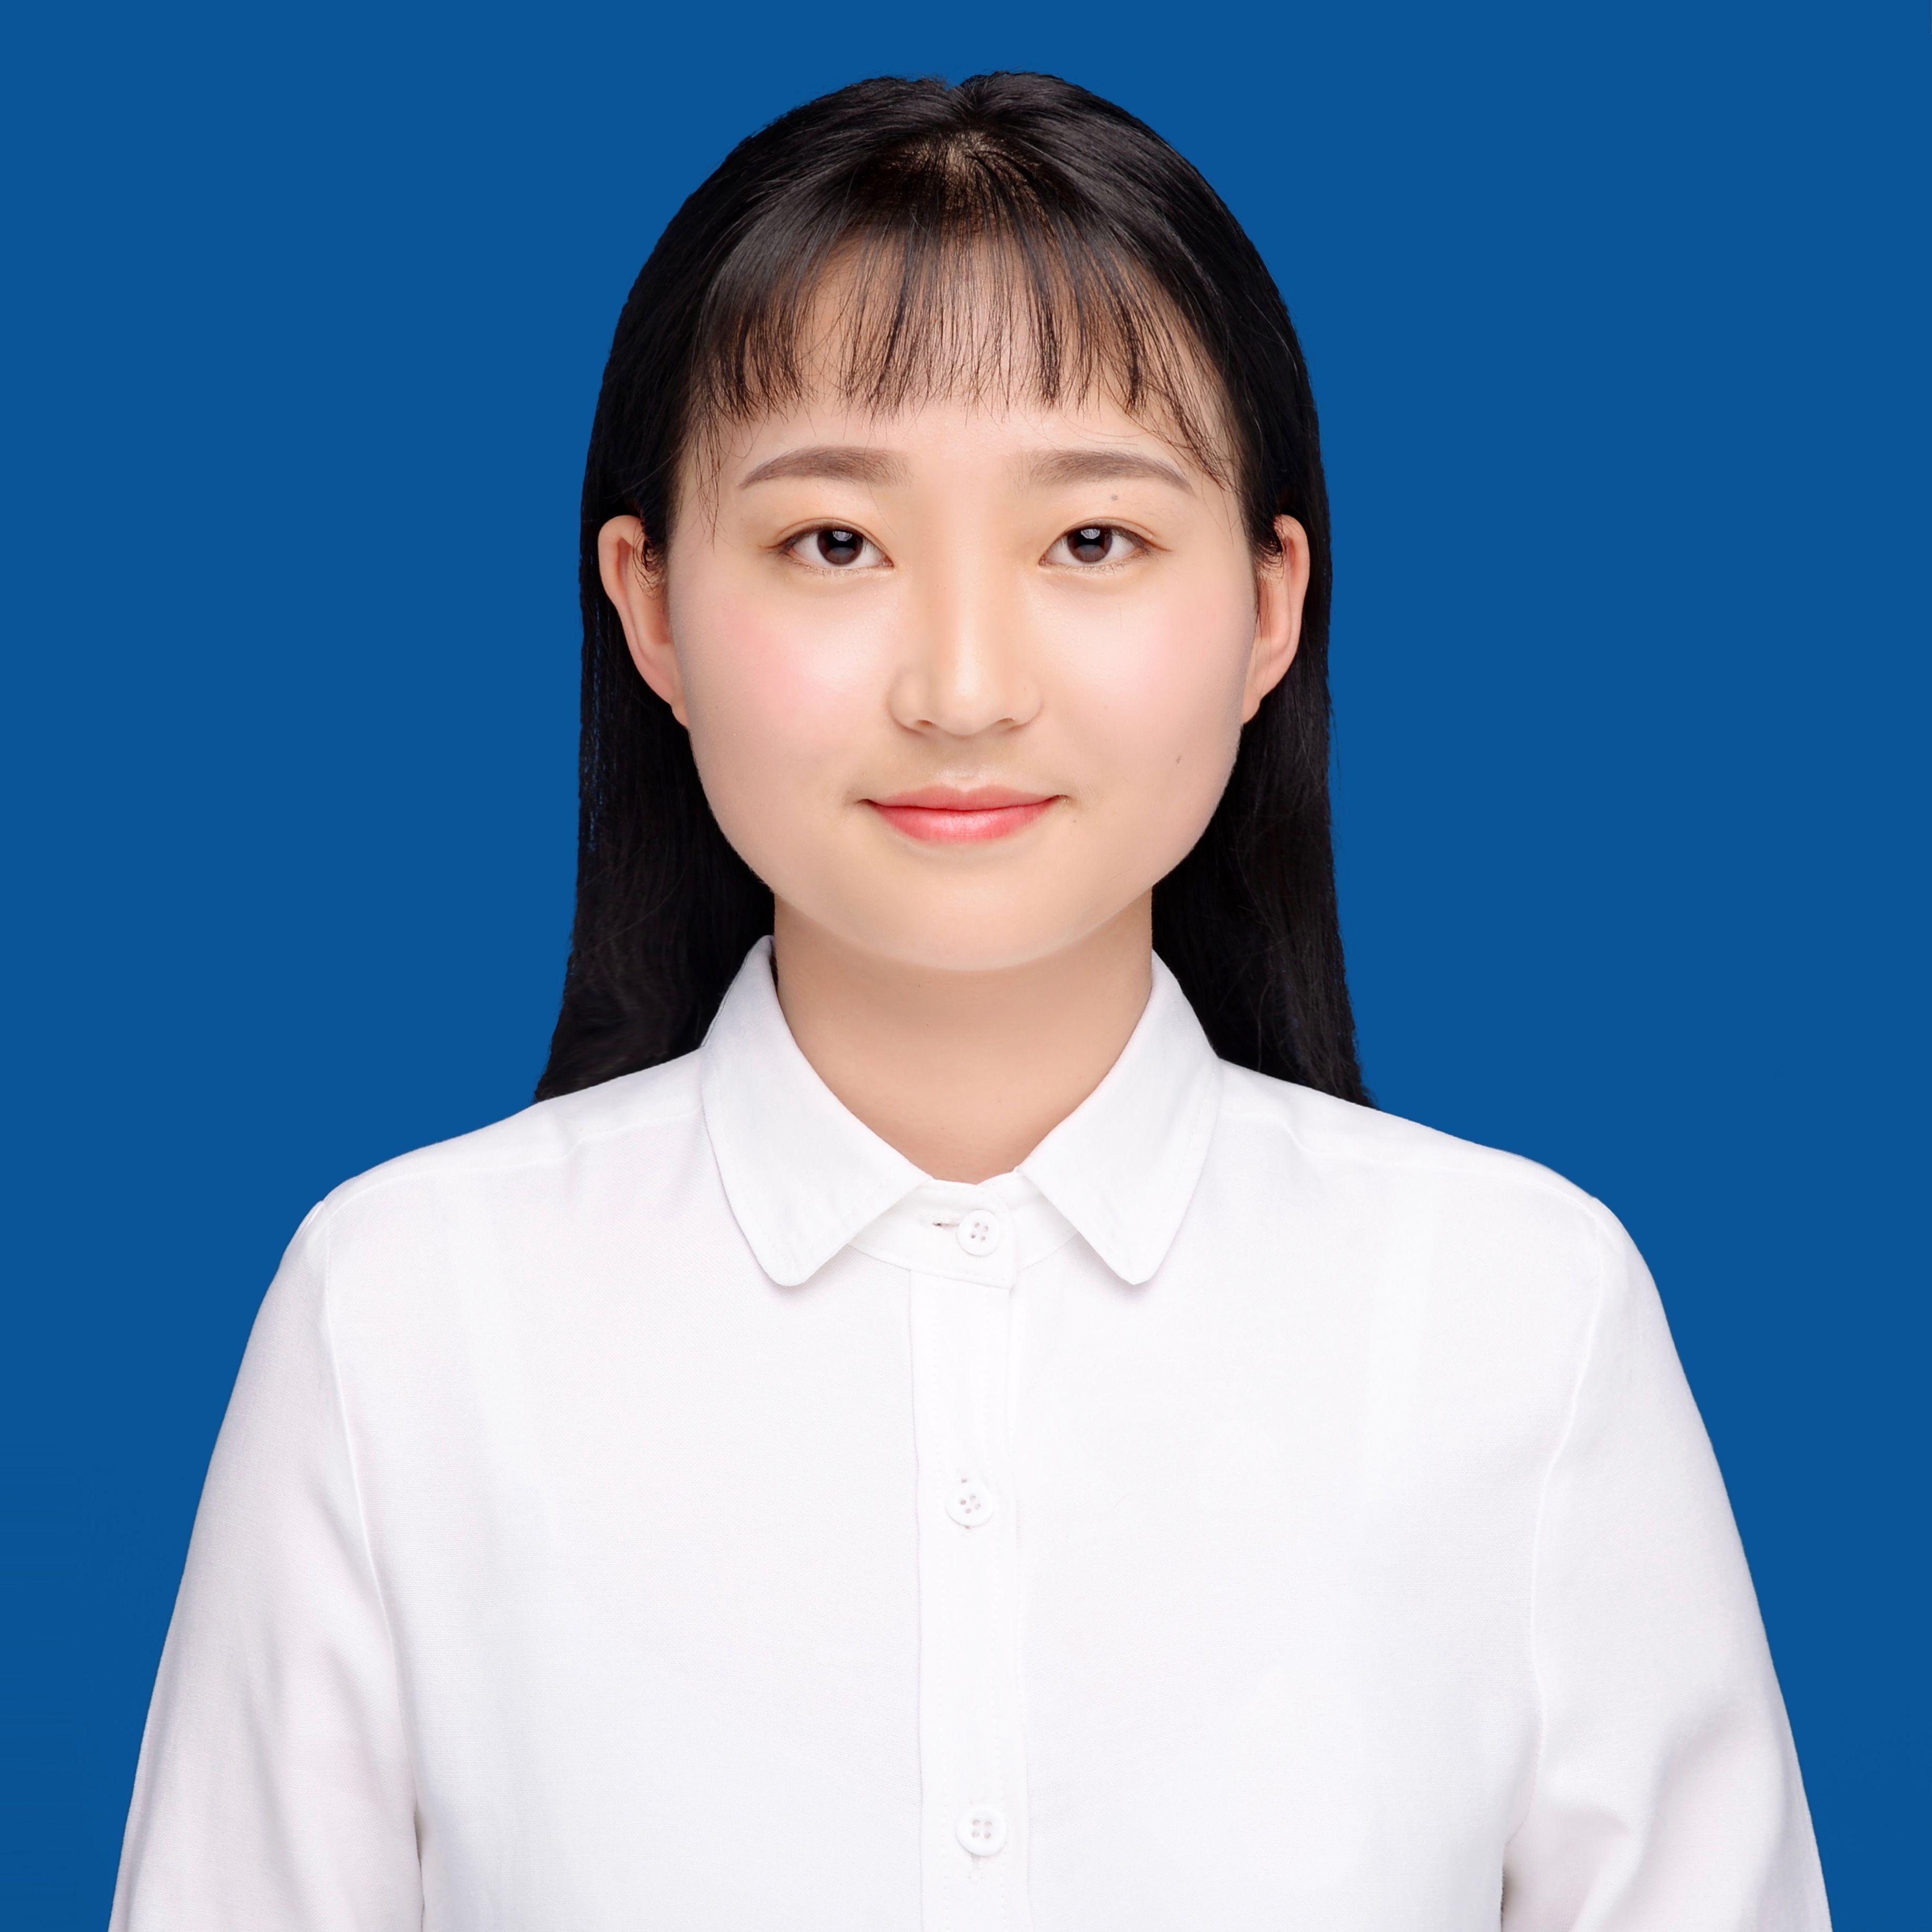 杭州家教赵教员